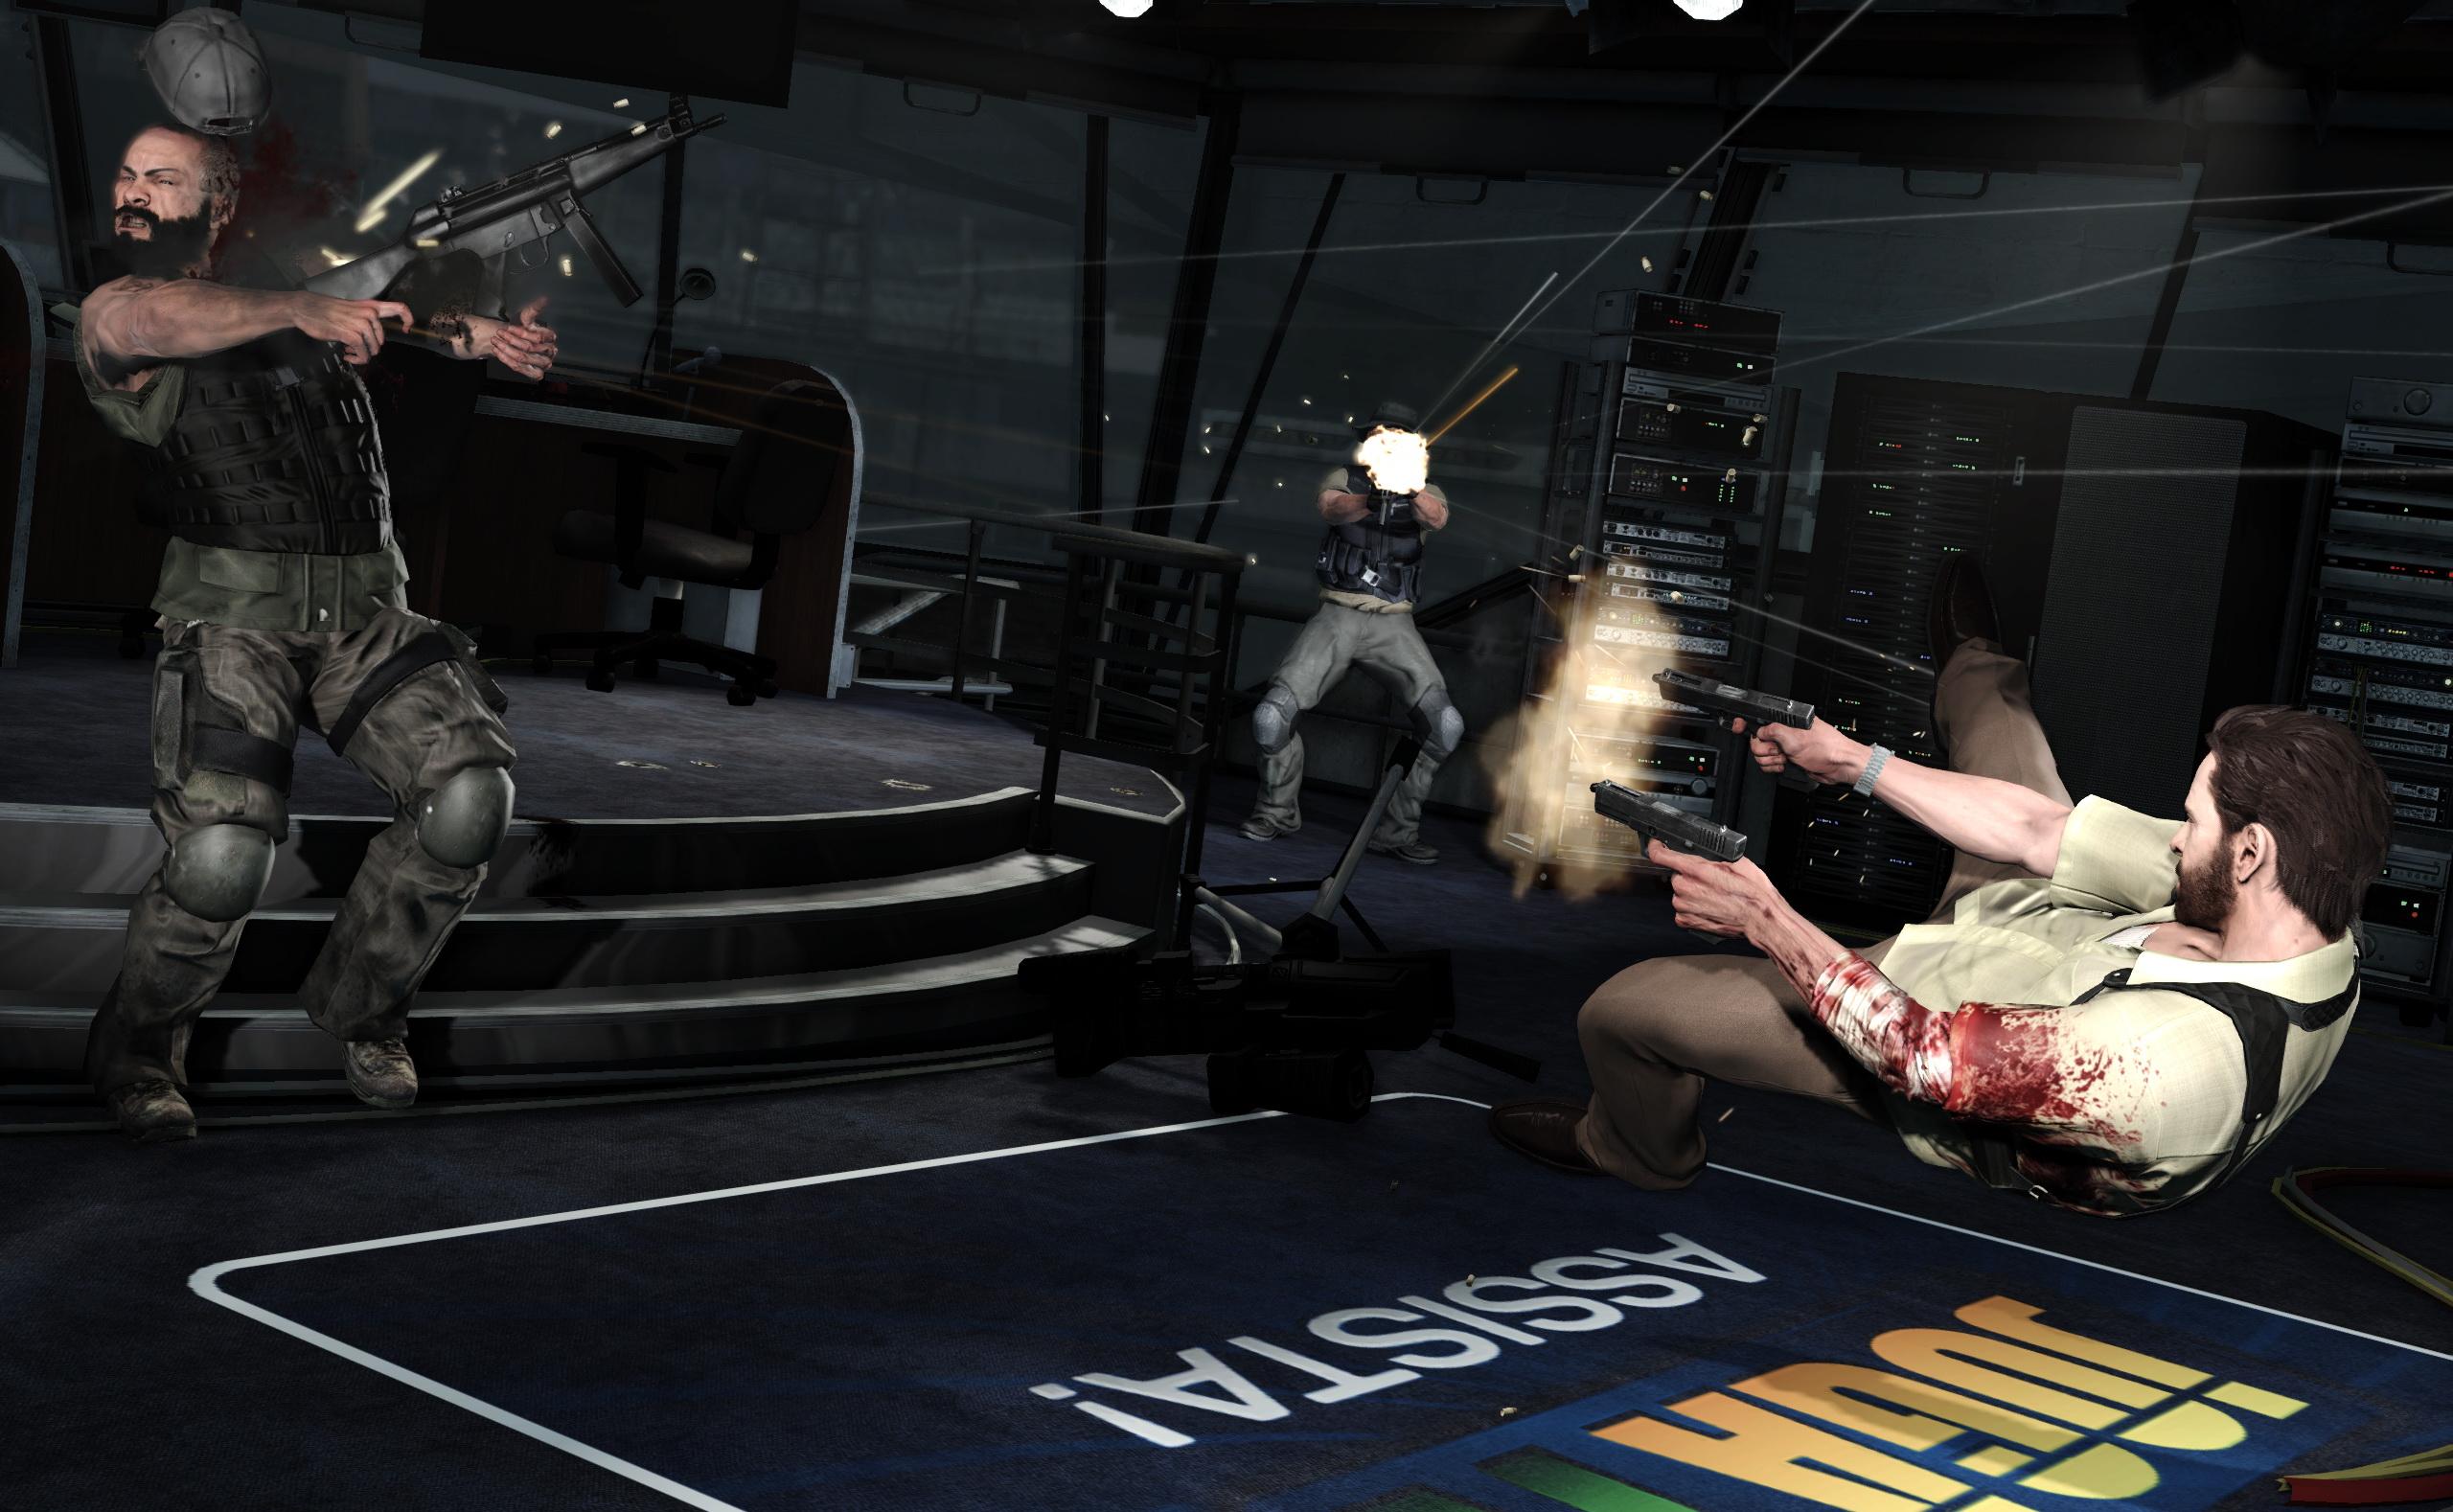 Max Payne 3 – Max bude krvácet, dokazují nové obrázky 61414